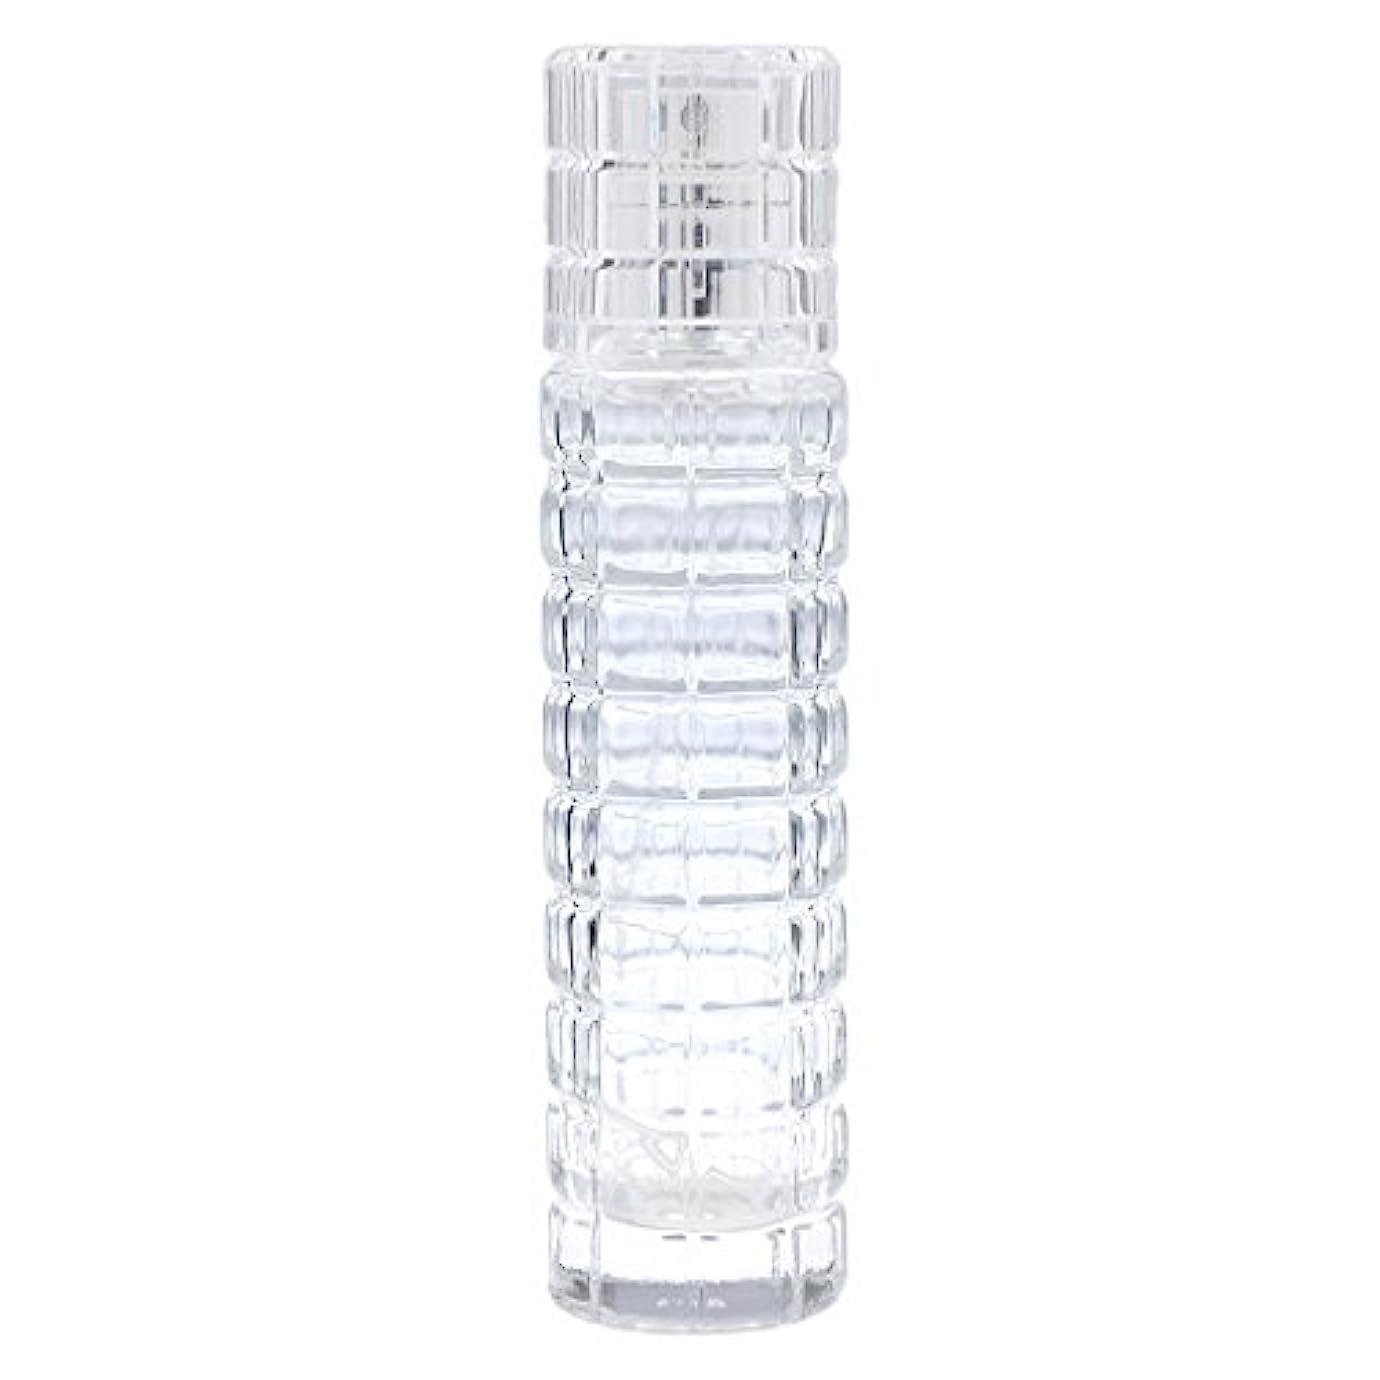 不確実注意順番ミニ 詰め替え可能 耐久性 ガラス 空 香水瓶 旅行 香水 スプレーボトル アトマイザー 30ml クリア